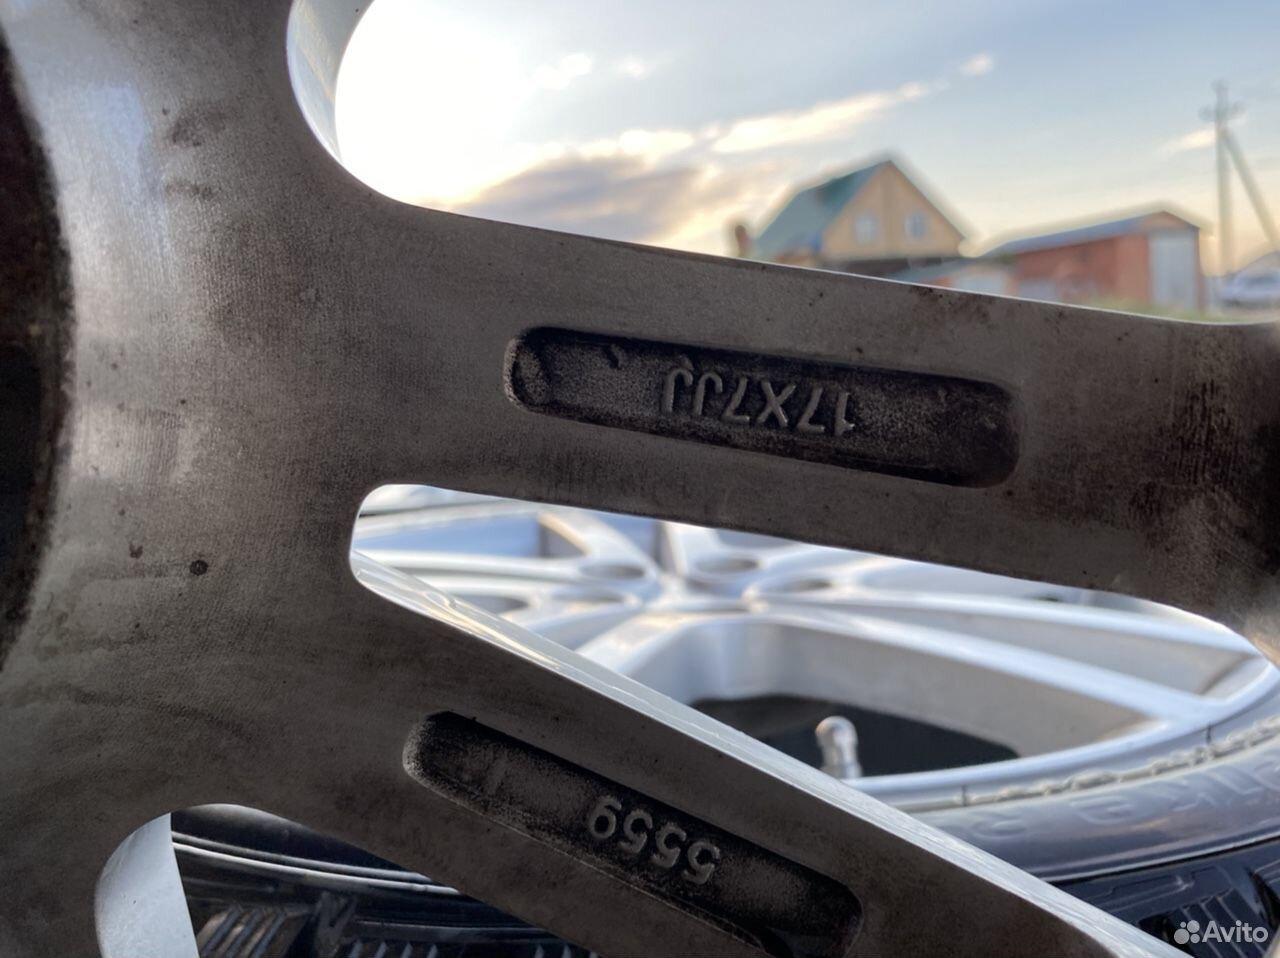 Комплект новых зимних колес на Subaru Sti  89956815638 купить 4